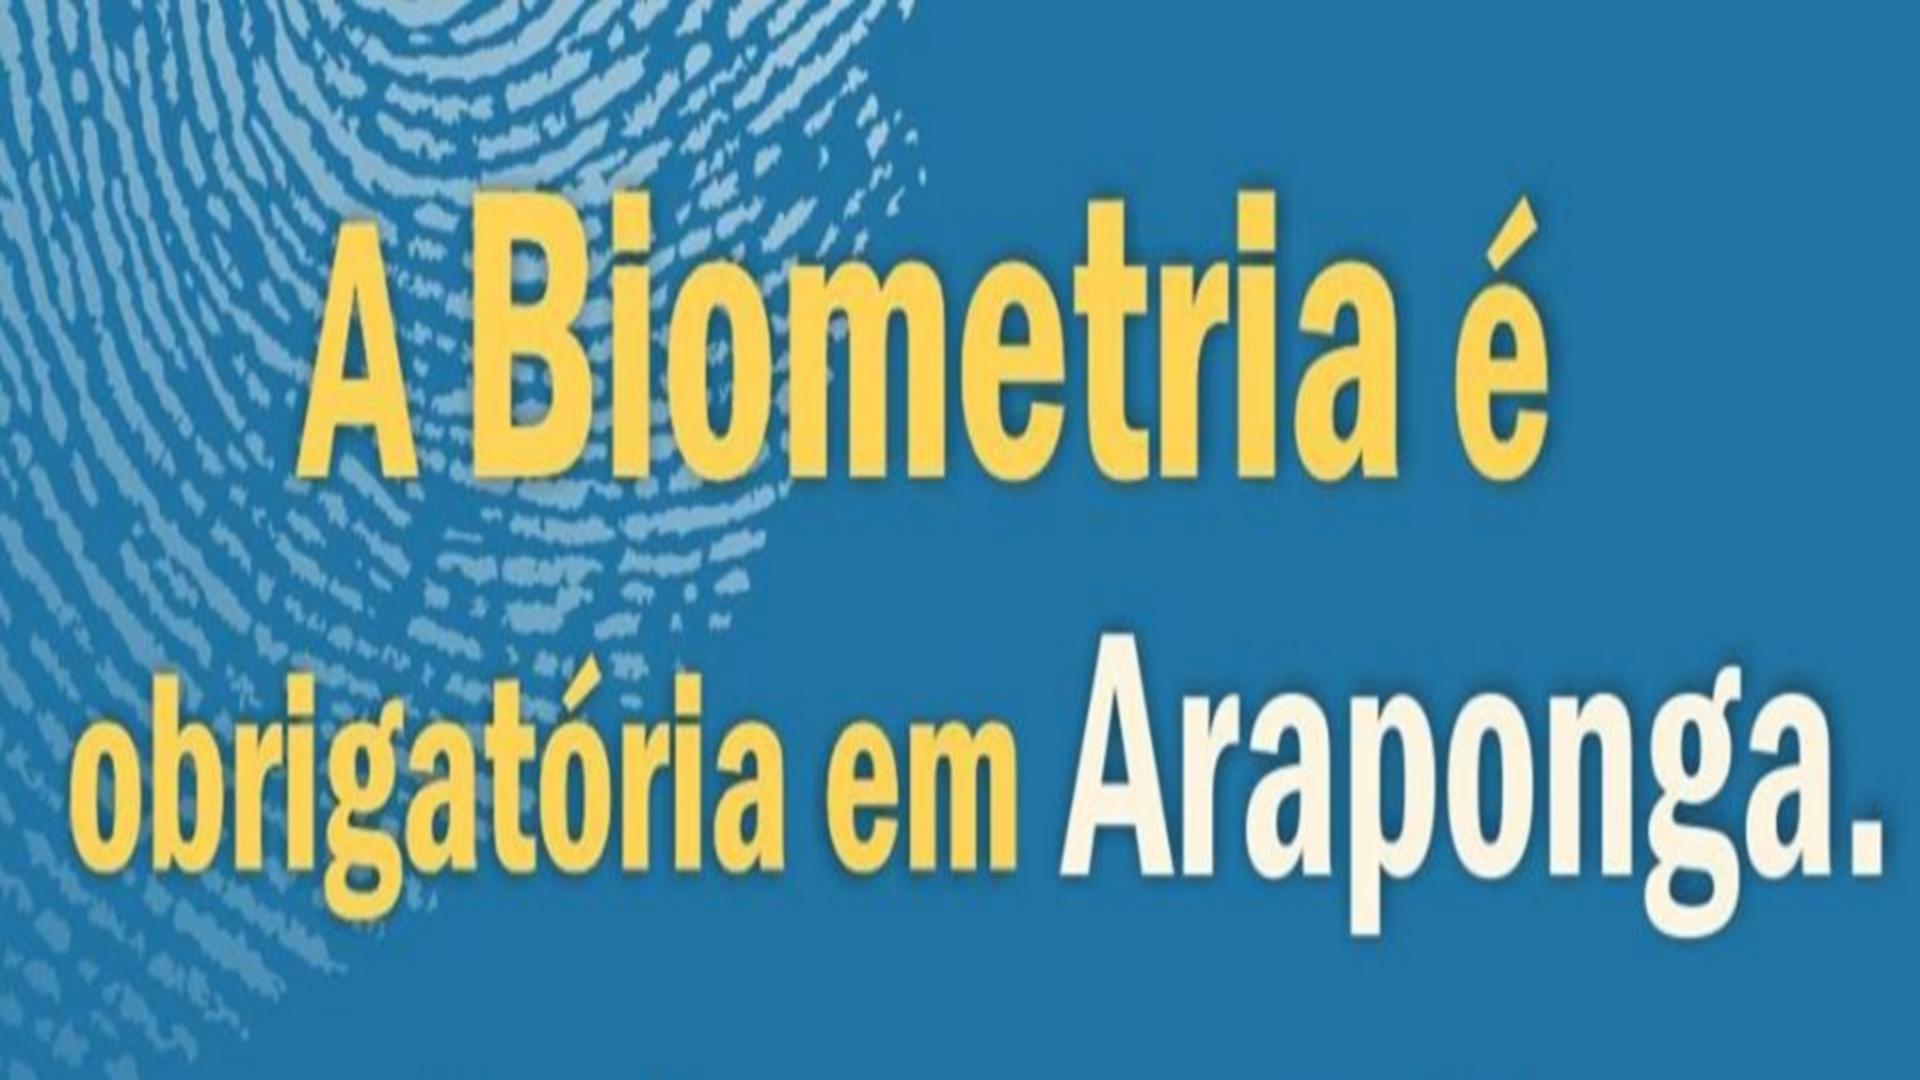 ELEITORADO DE ARAPONGA FIQUEM ATENTOS AO PRAZO PARA COLETA DE DADOS BIOMÉTRICOS !!!